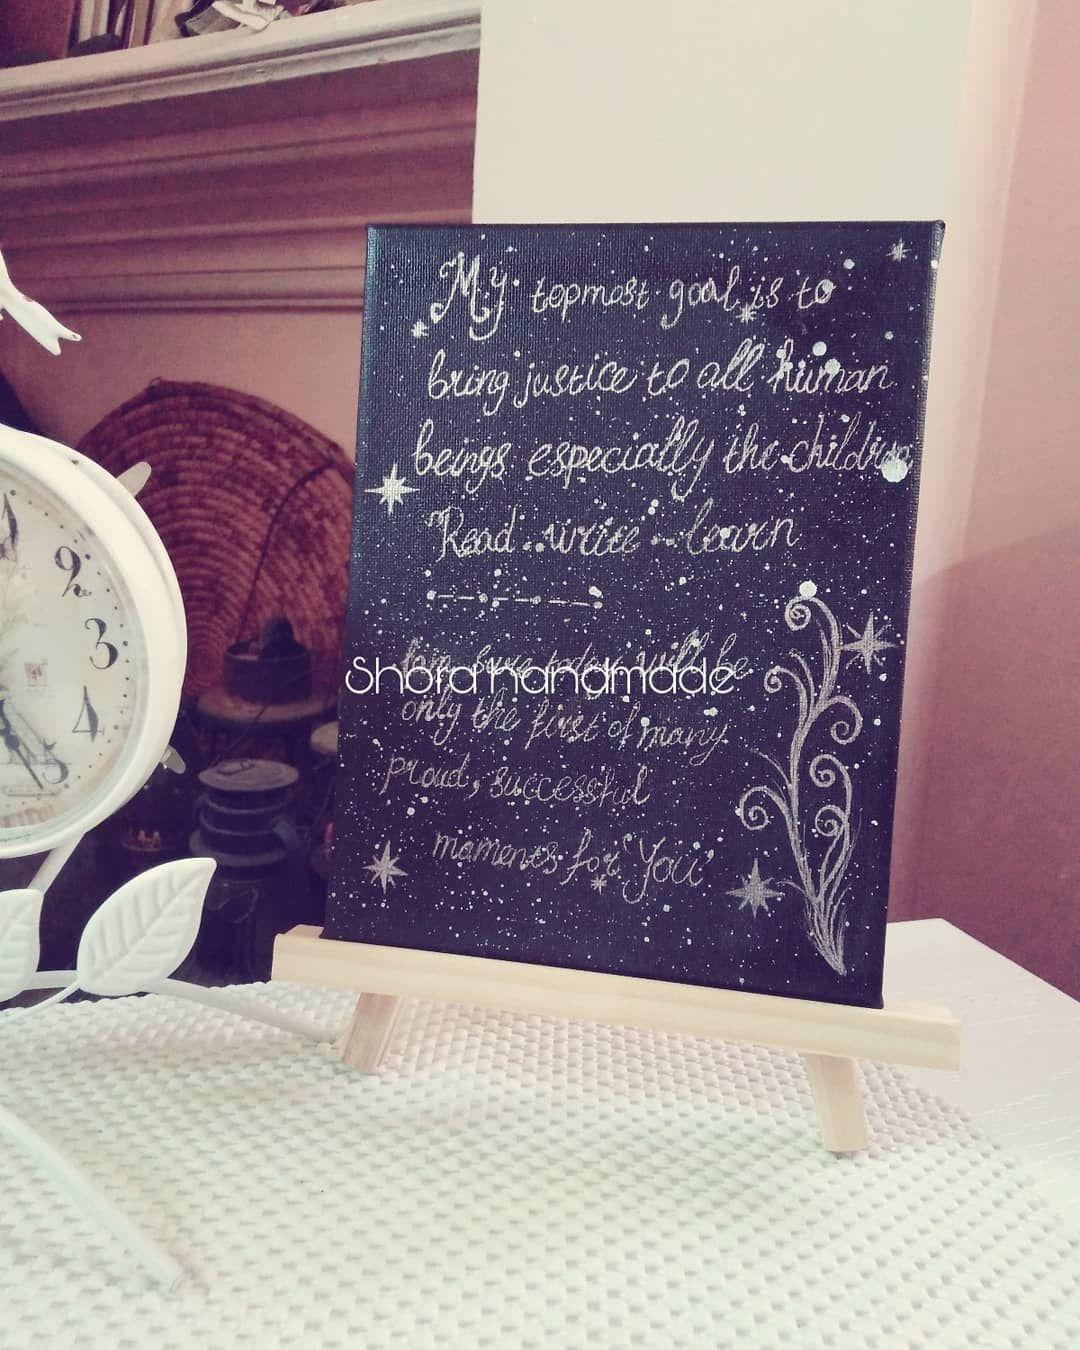 لوحة كانفس باي عبارة بتحبوها Handmade Shora Handmade Graduation Gifts Accessories Love Flowers Wedding Guest Book Dreamcatcher Birthday Love